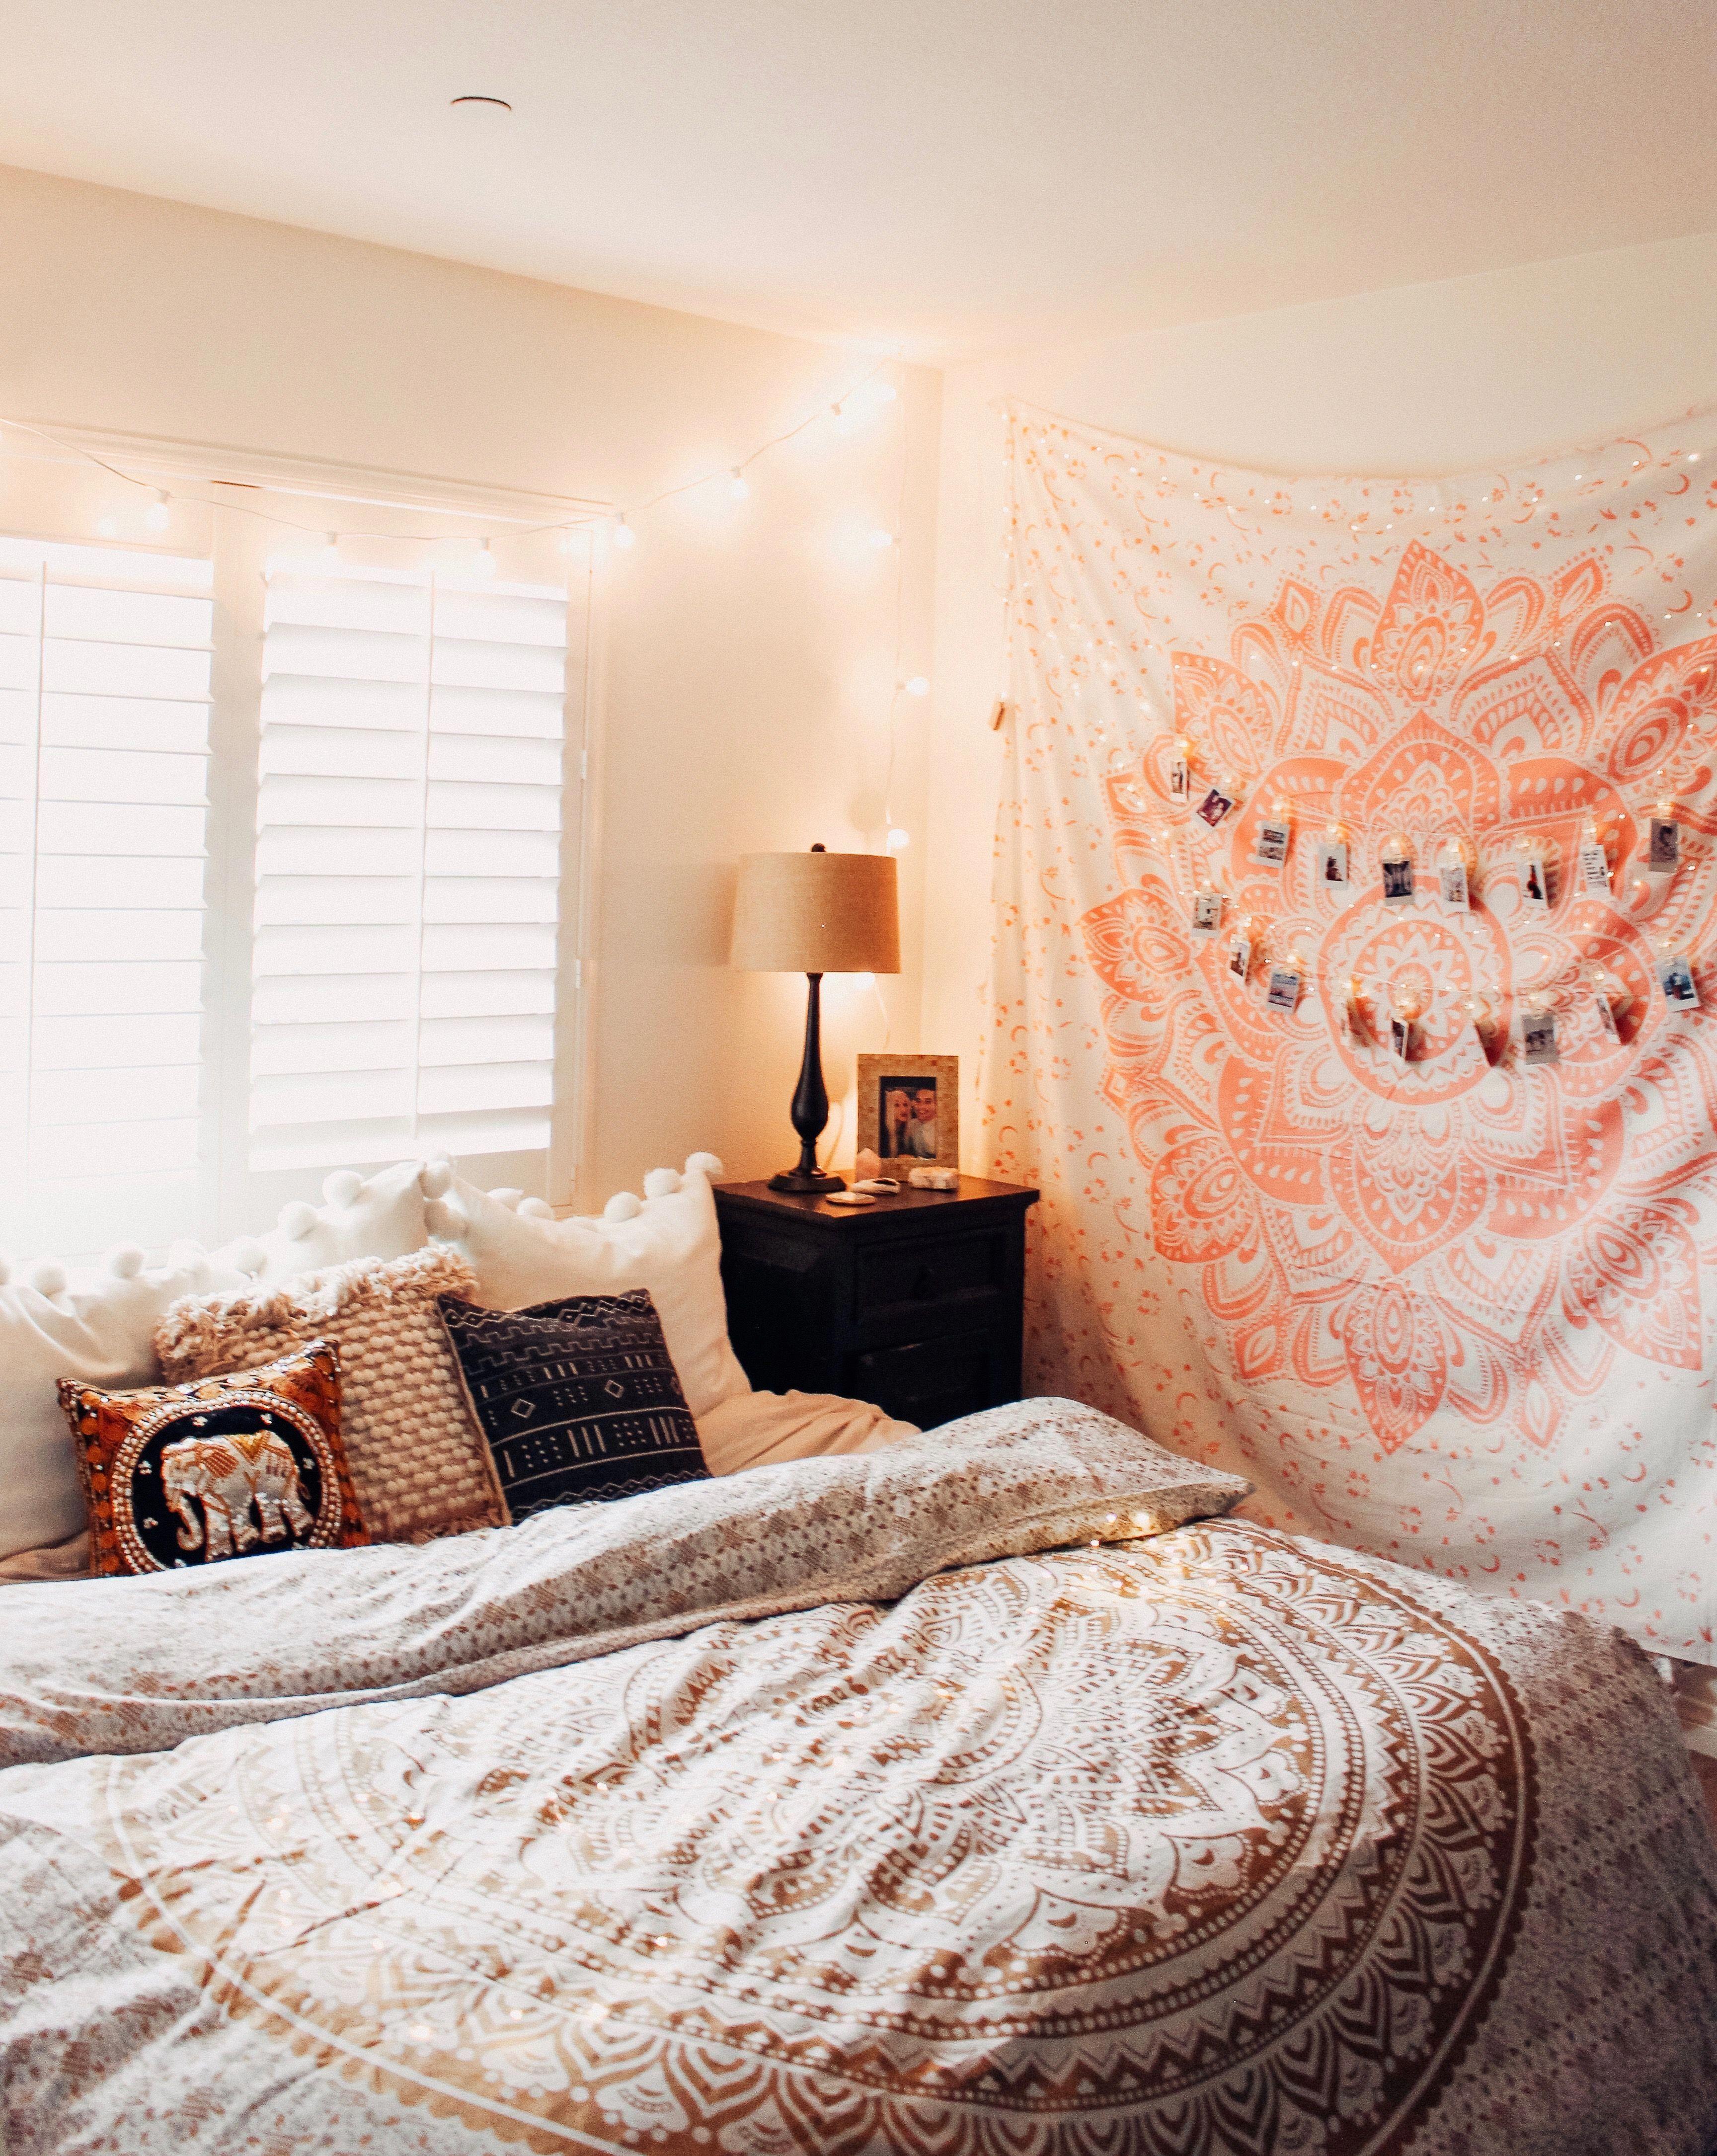 shabby chic möbel boho style schlafzimmer einrichtung bett